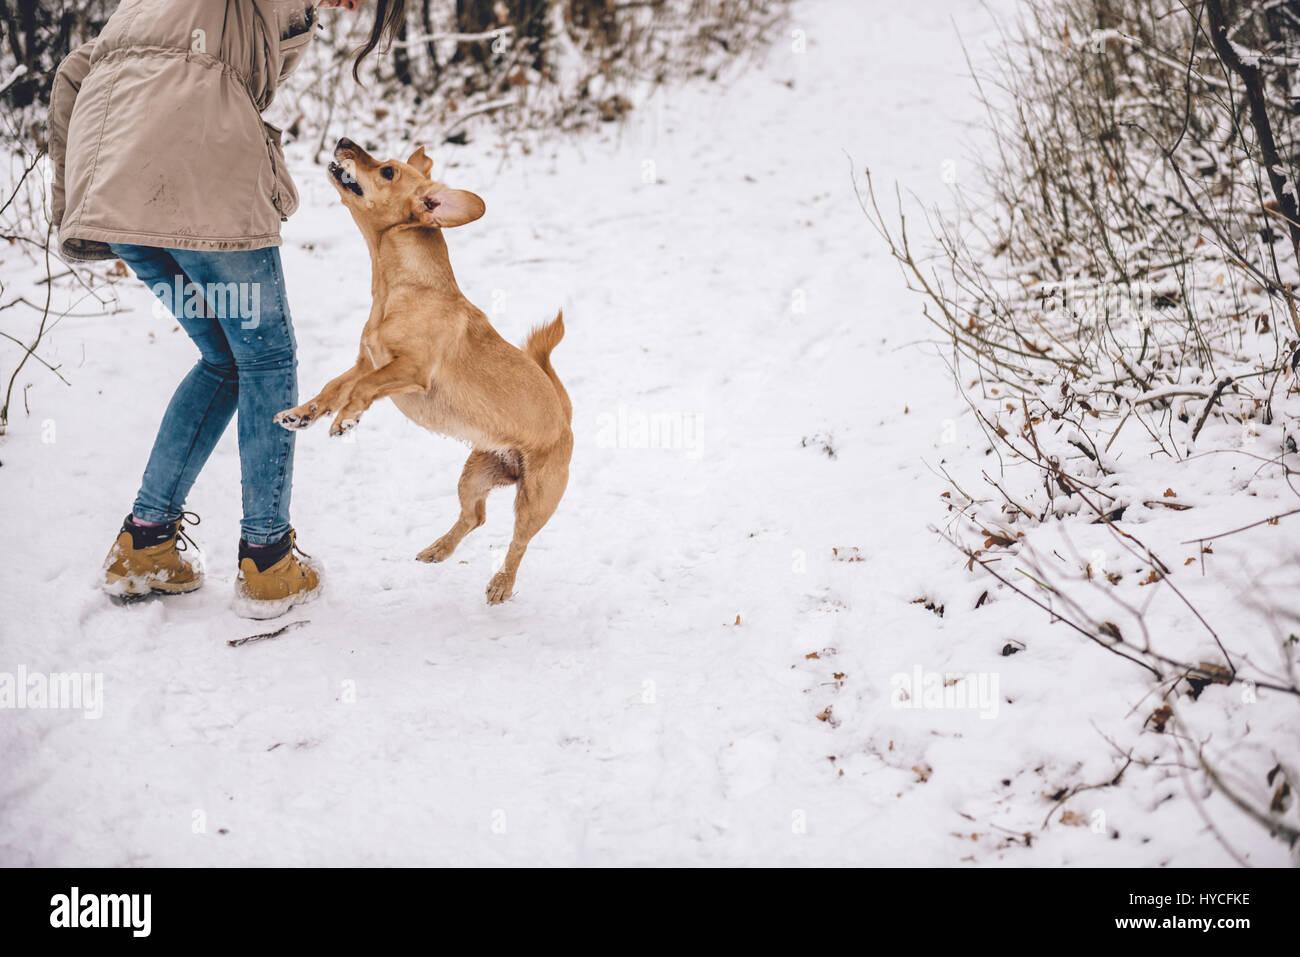 Chica senderismo en el bosque de invierno blanco con perro Imagen De Stock